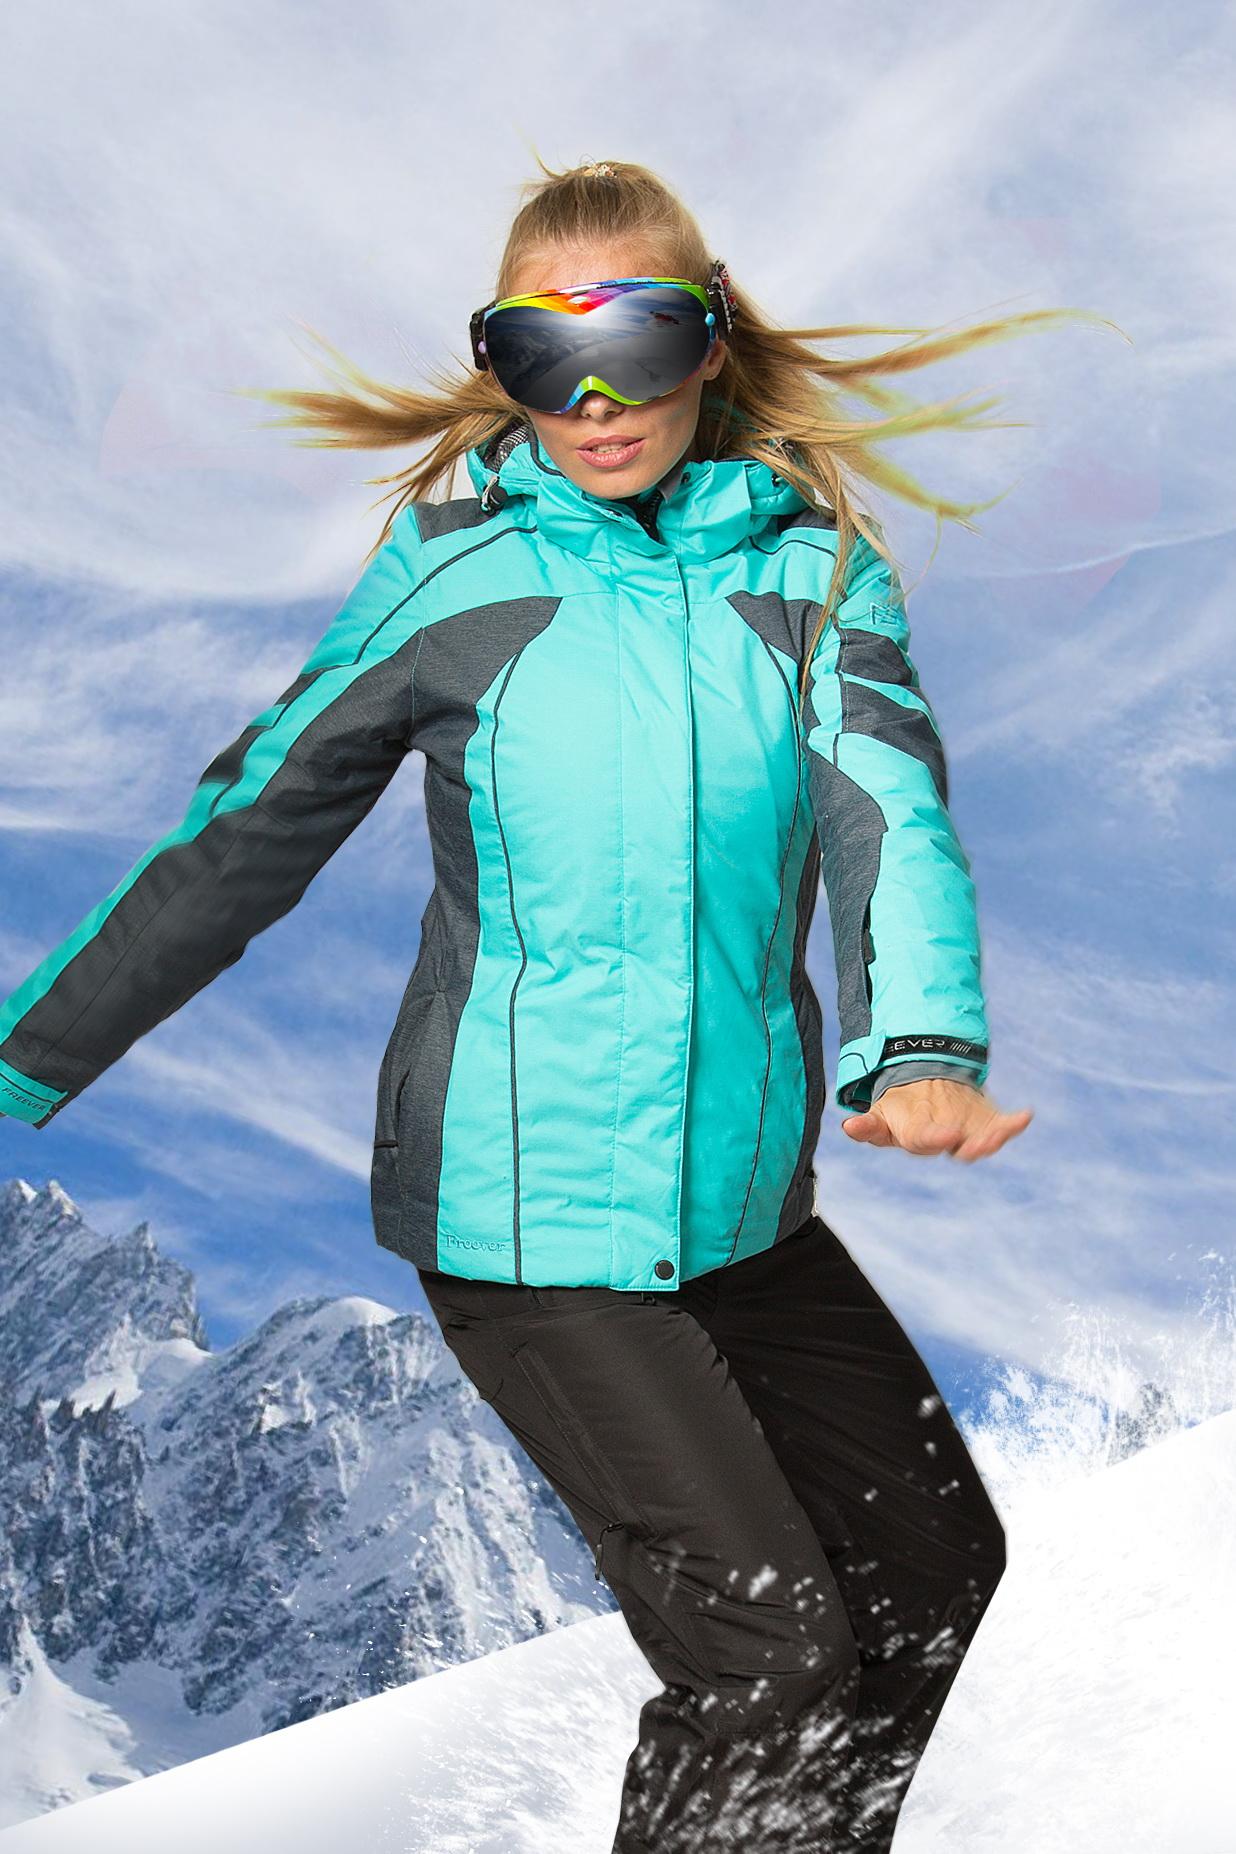 одежда для катания на лыжах фото дополняйте такую прическу